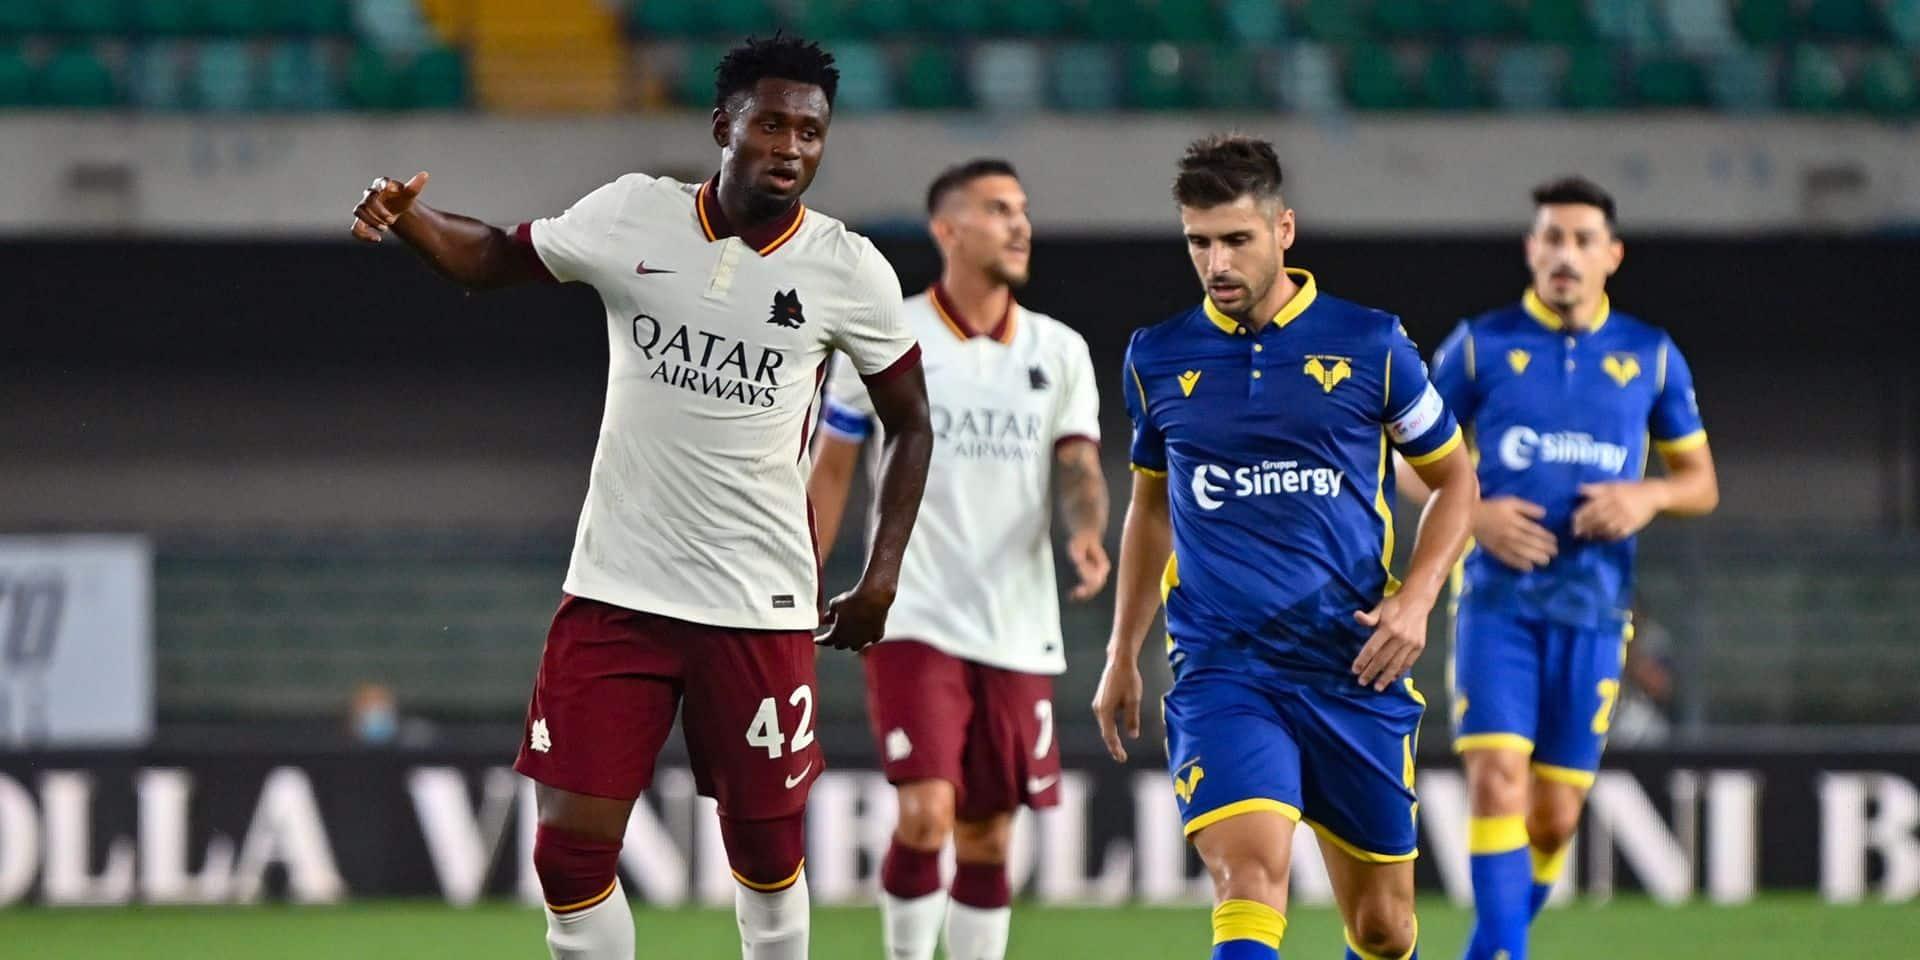 La Roma perd 3 à 0 contre Vérone sur tapis vert